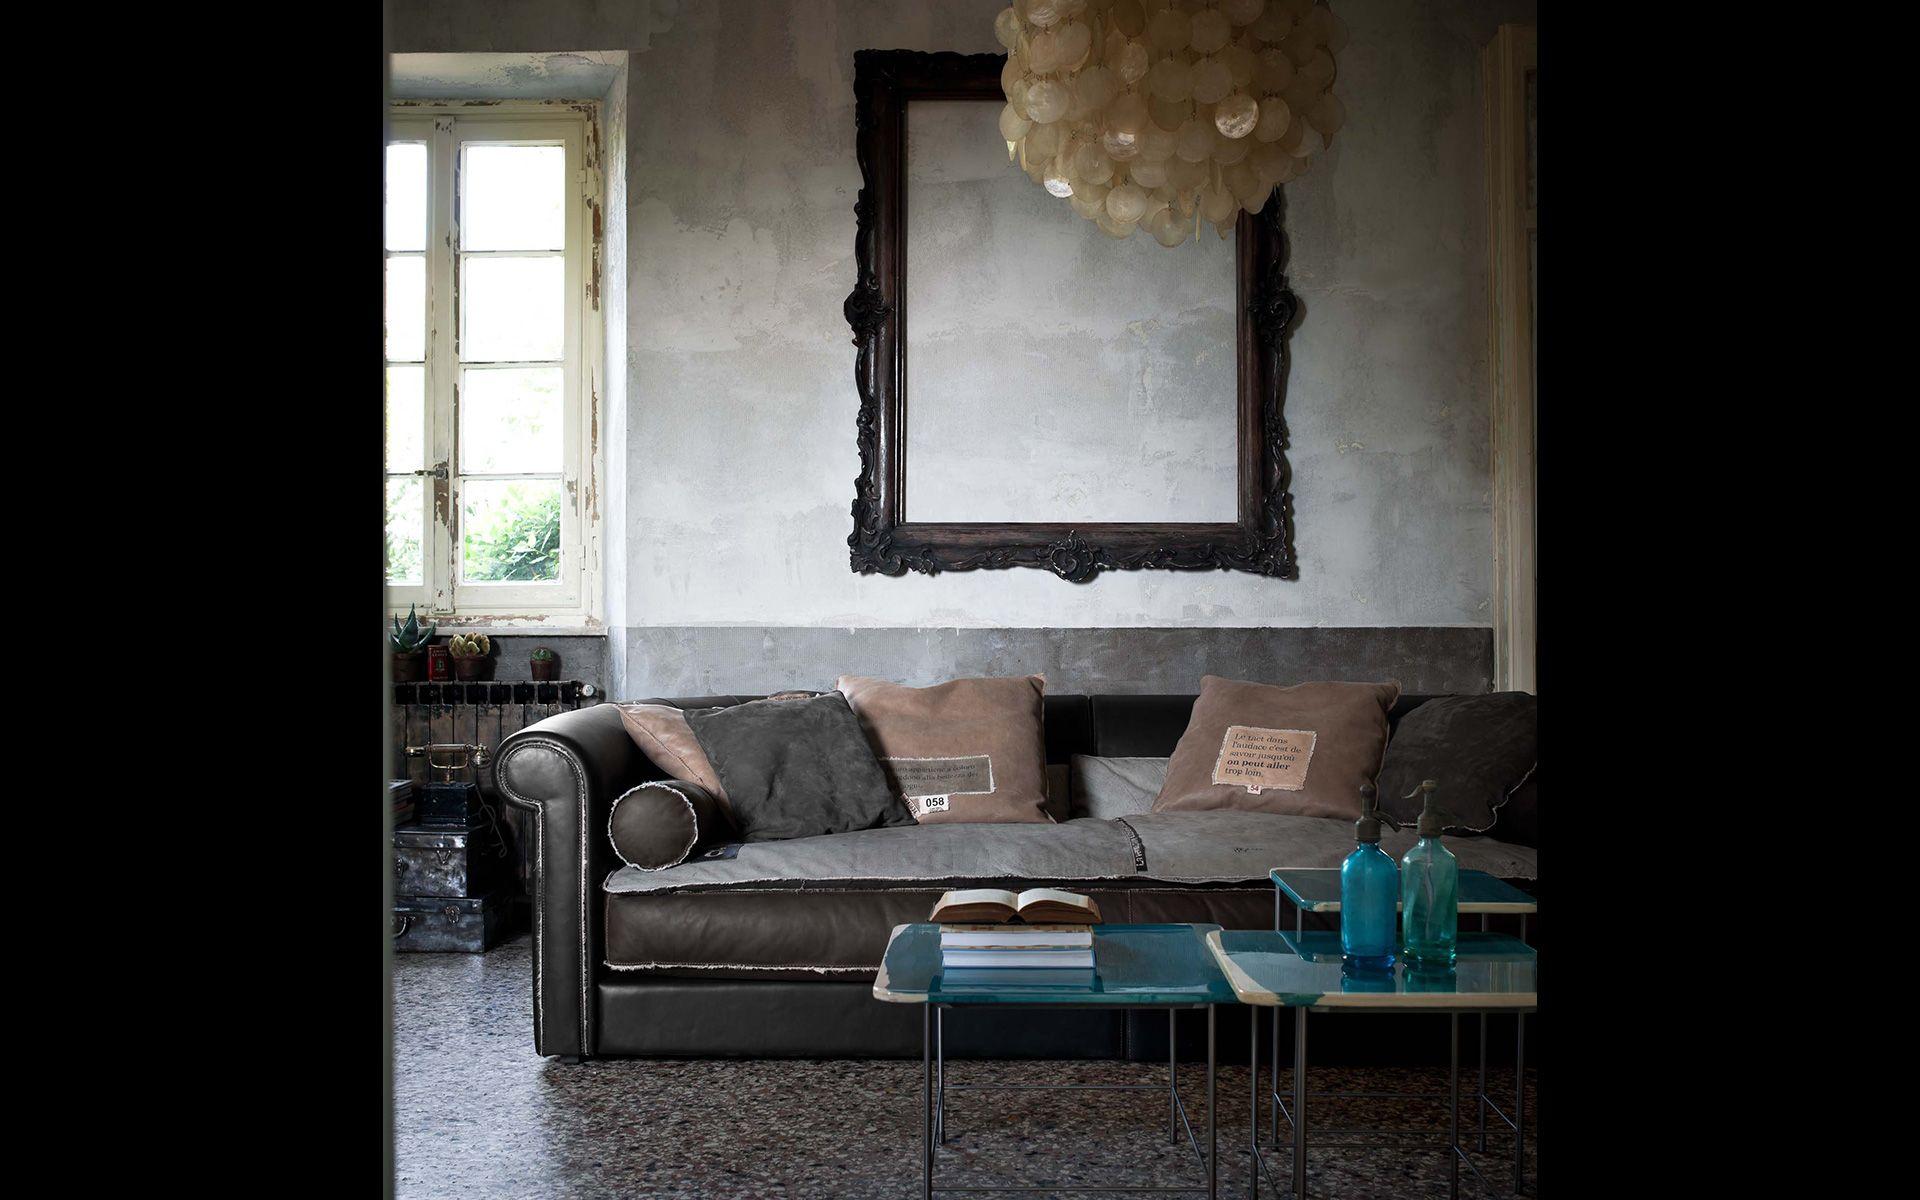 Atmosfere 5 - Baxter | Ideenreicher Wohnkomfort mit Stil aus Italien ...